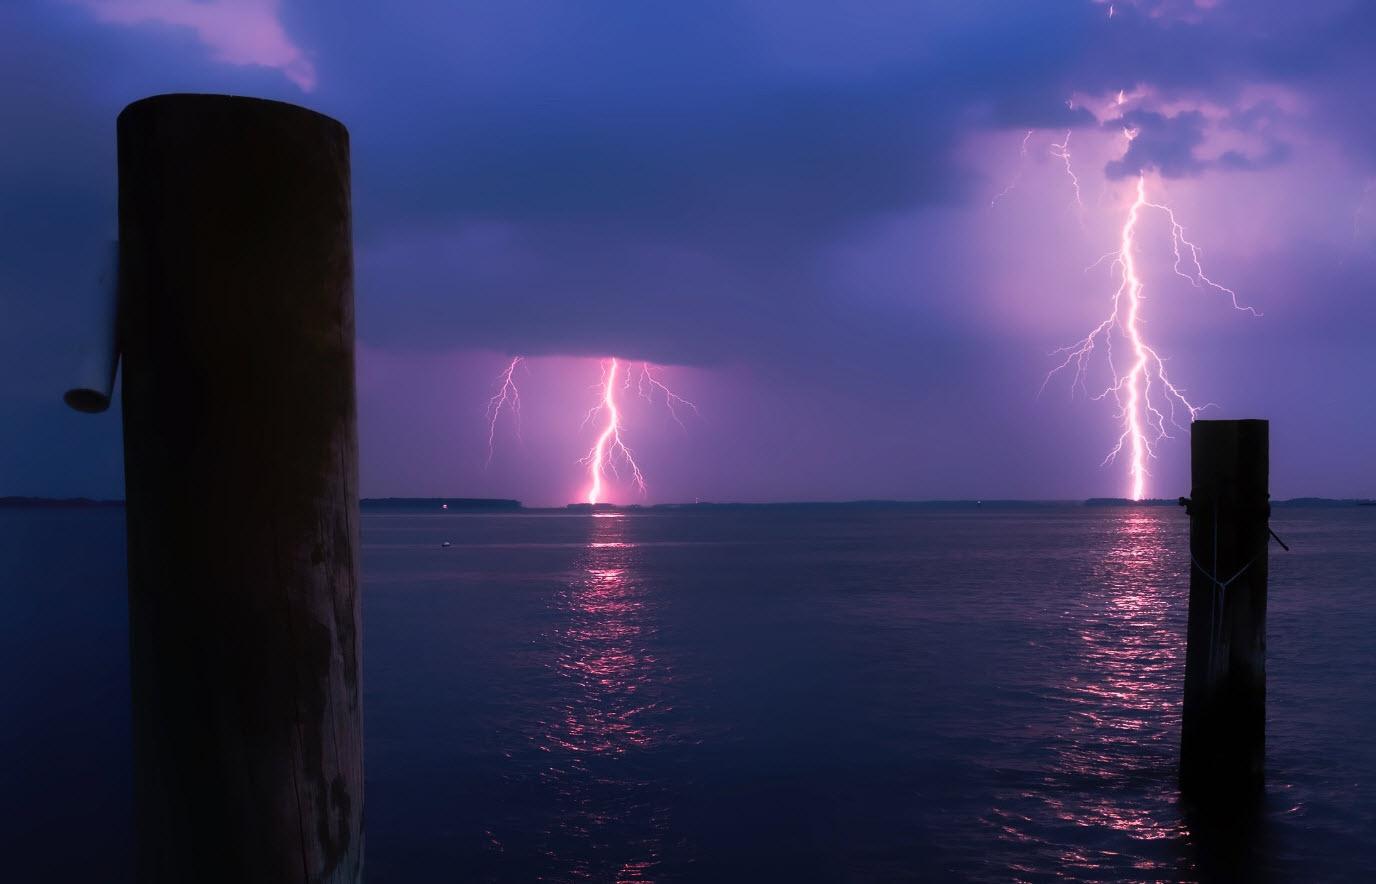 Lightning strikes over water